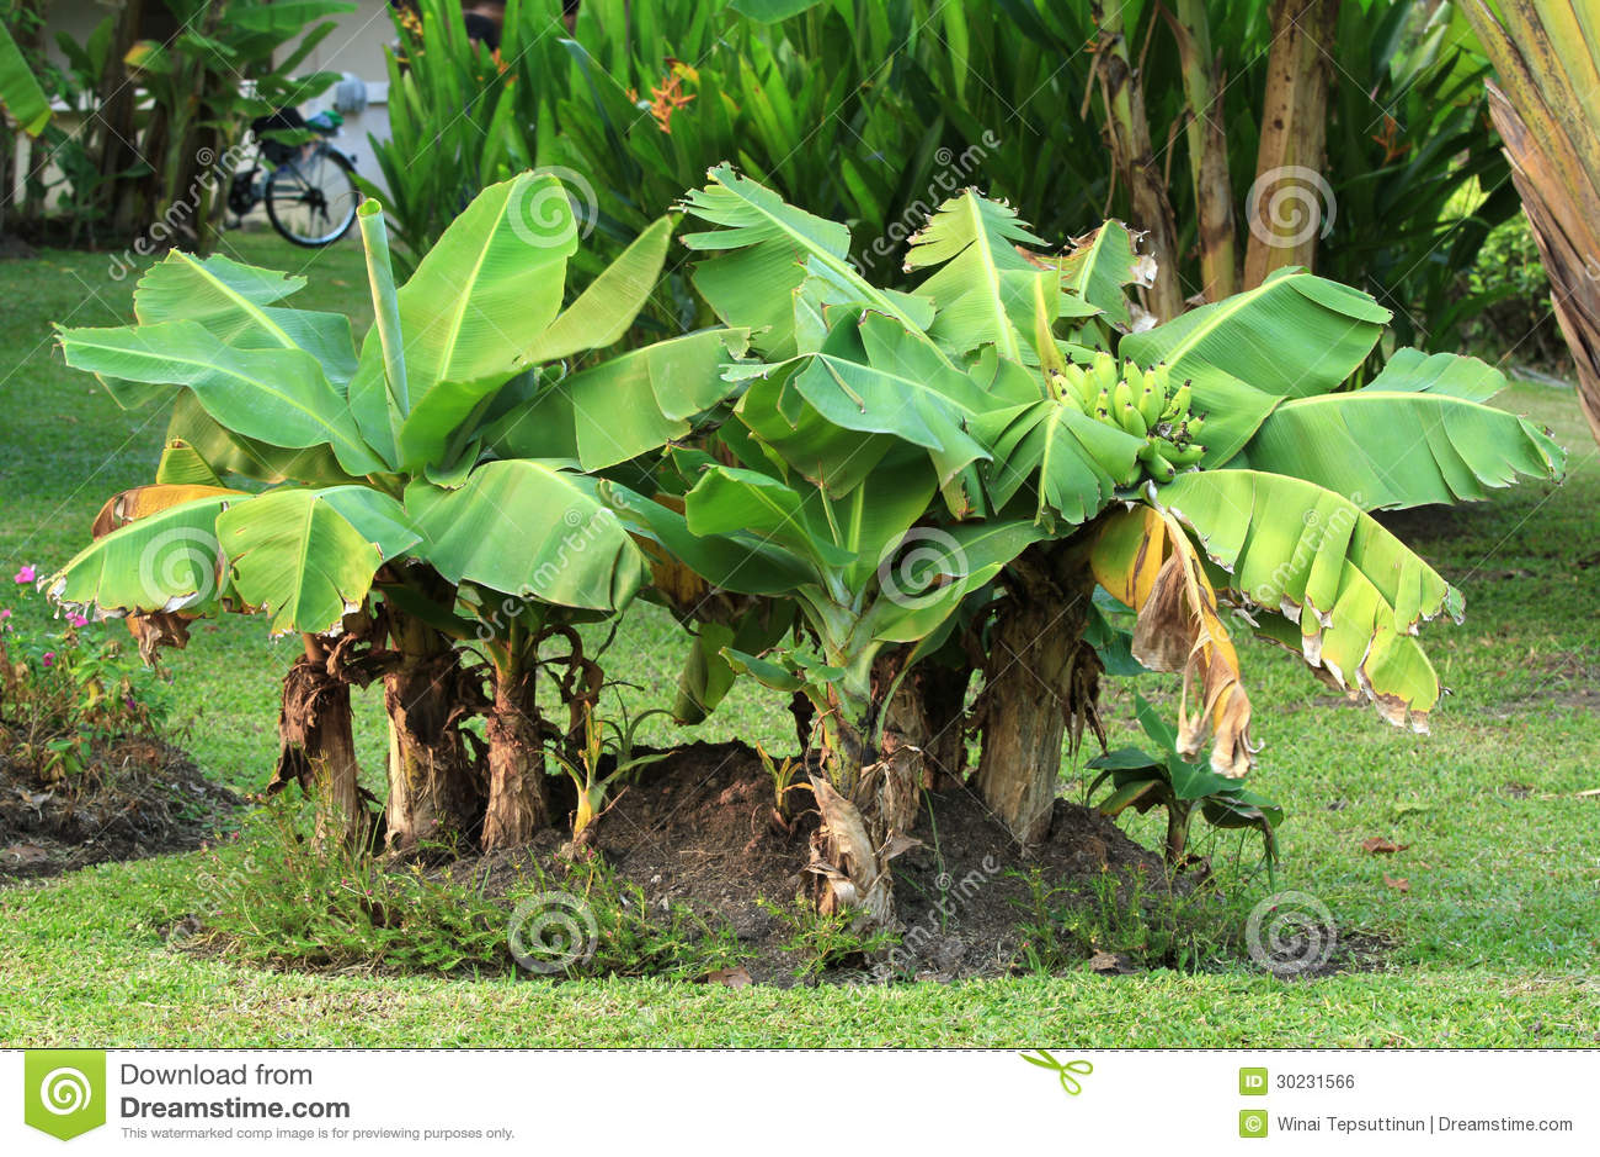 Bananier nain image libre de droits image 30231566 for Banano de jardin